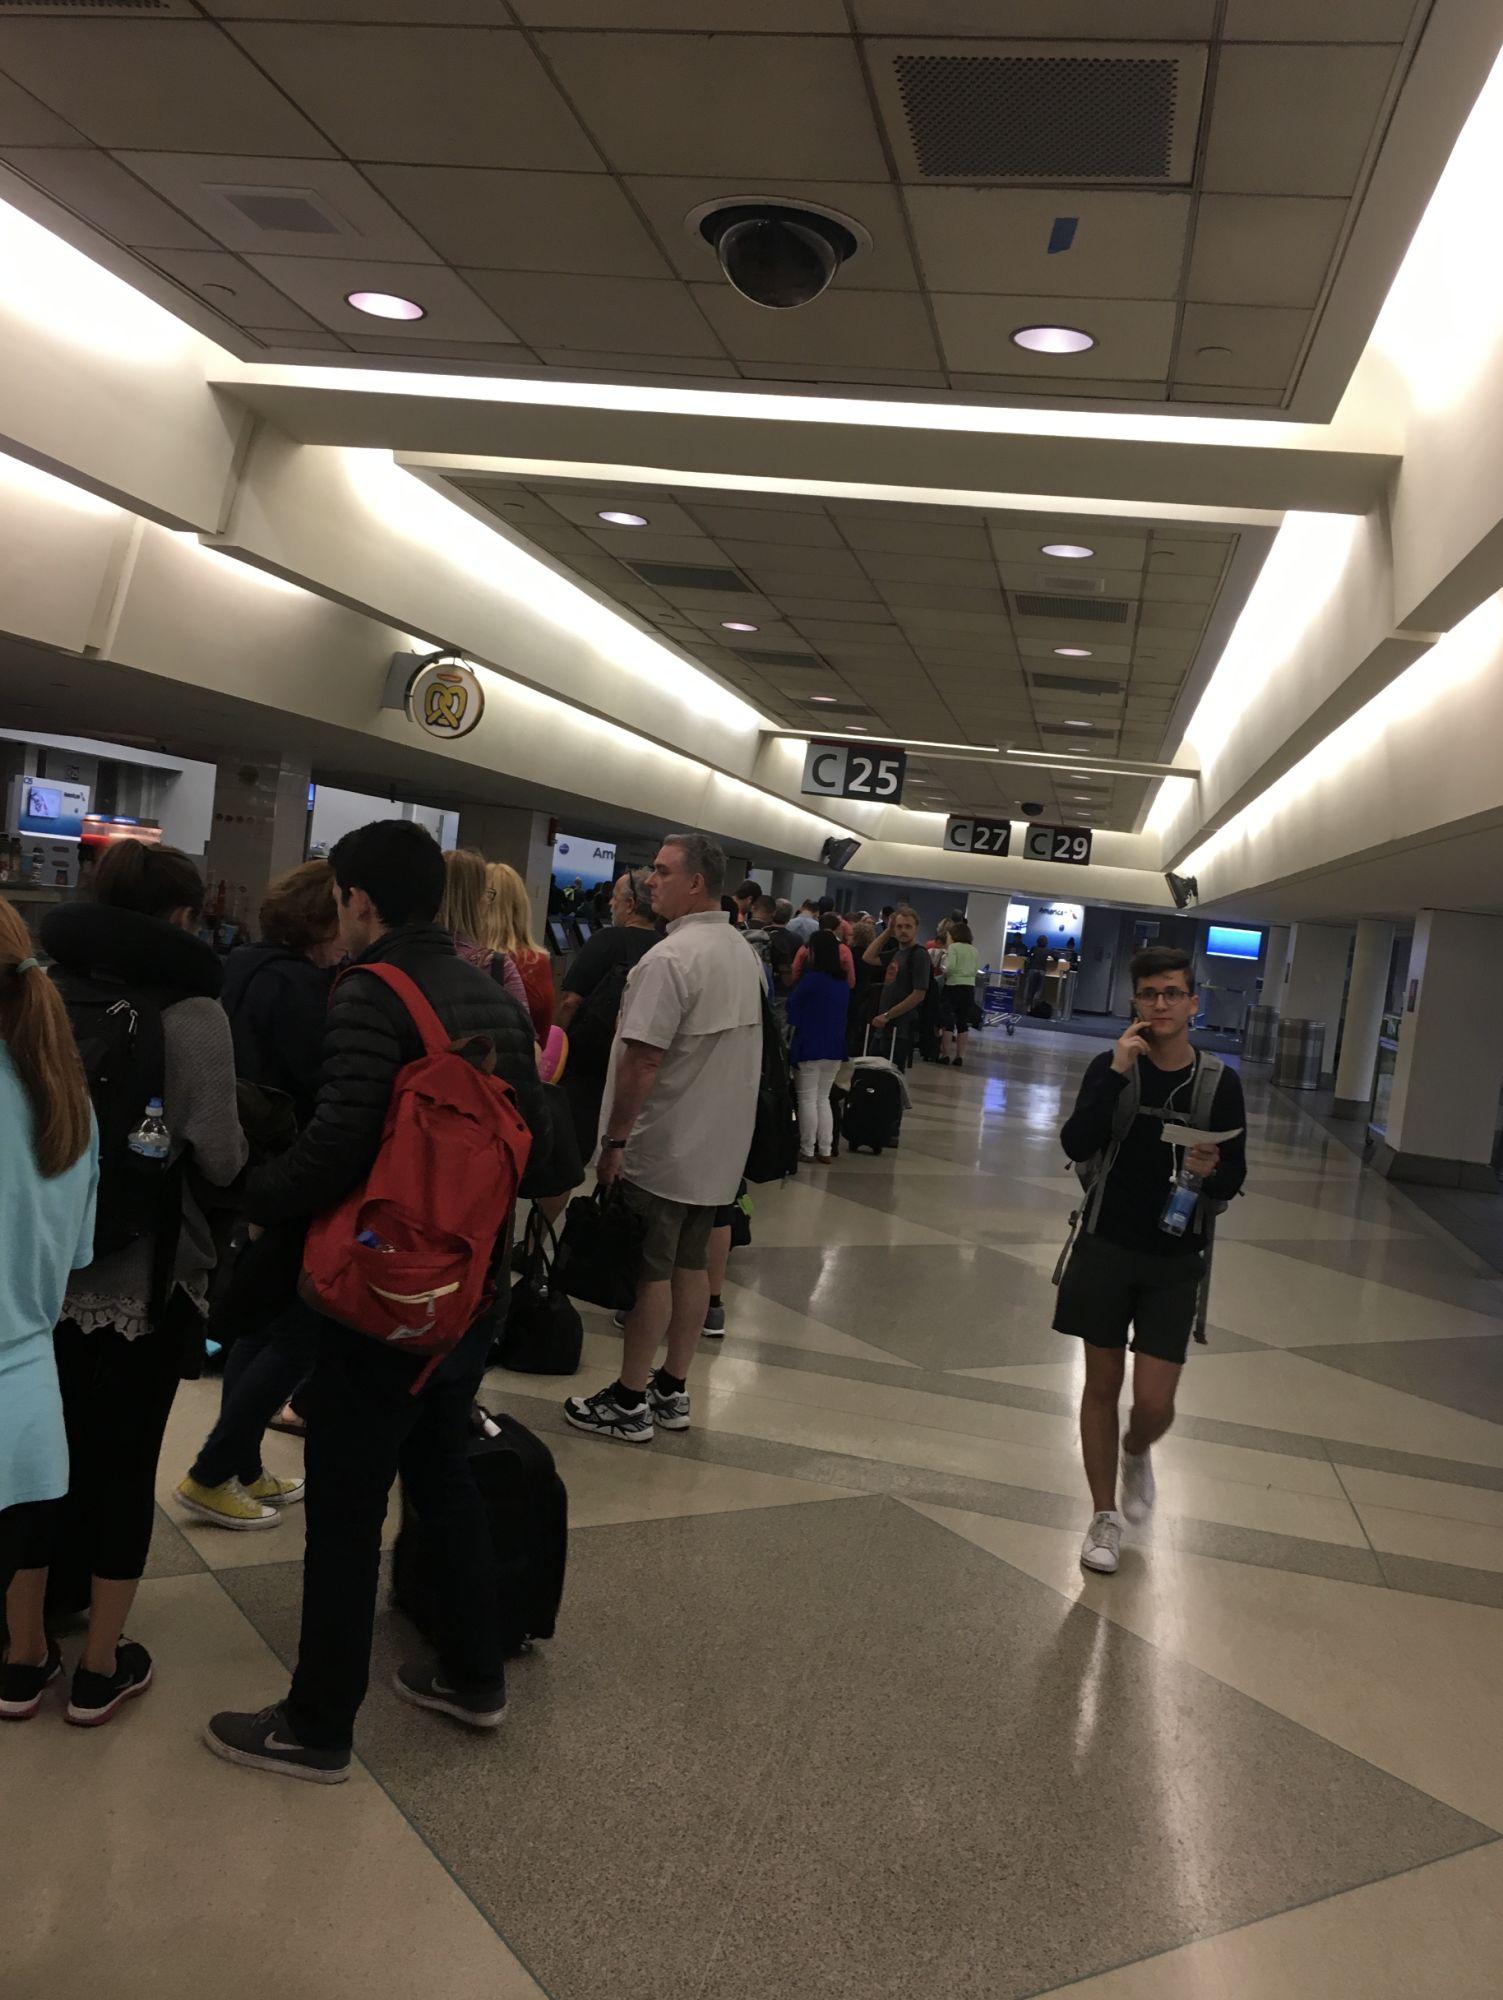 01-Vinnie-Stuck-At-Airport.jpg